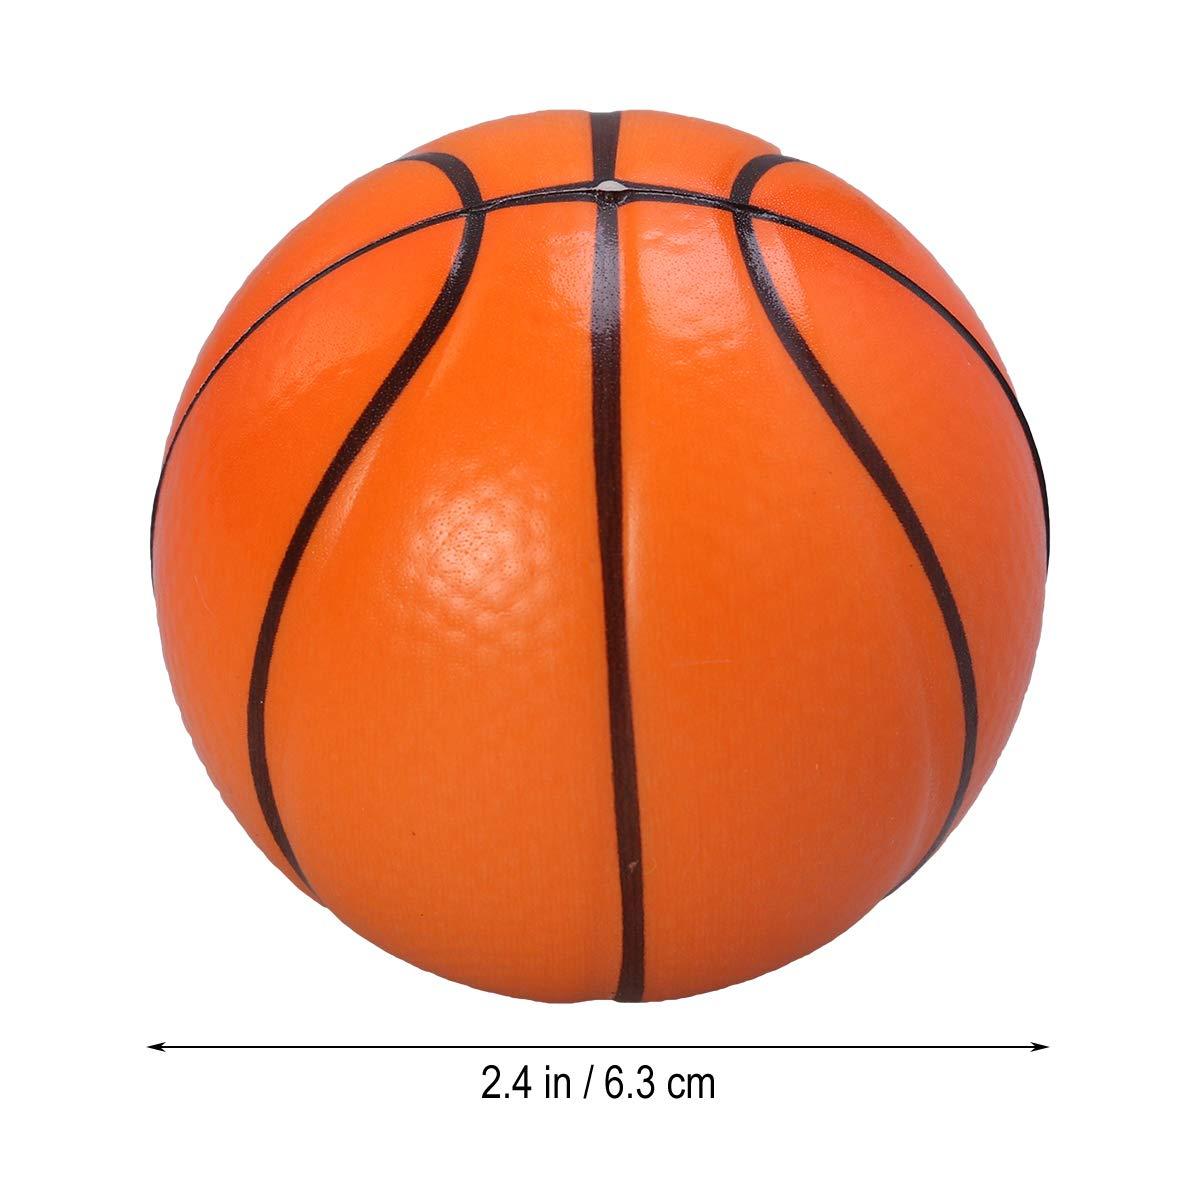 Naranja LIOOBO 12pcs Mini Bola de Espuma Deportiva Squeeze Pelotas de Espuma Pelotas de estr/és para los ni/ños Party Favor